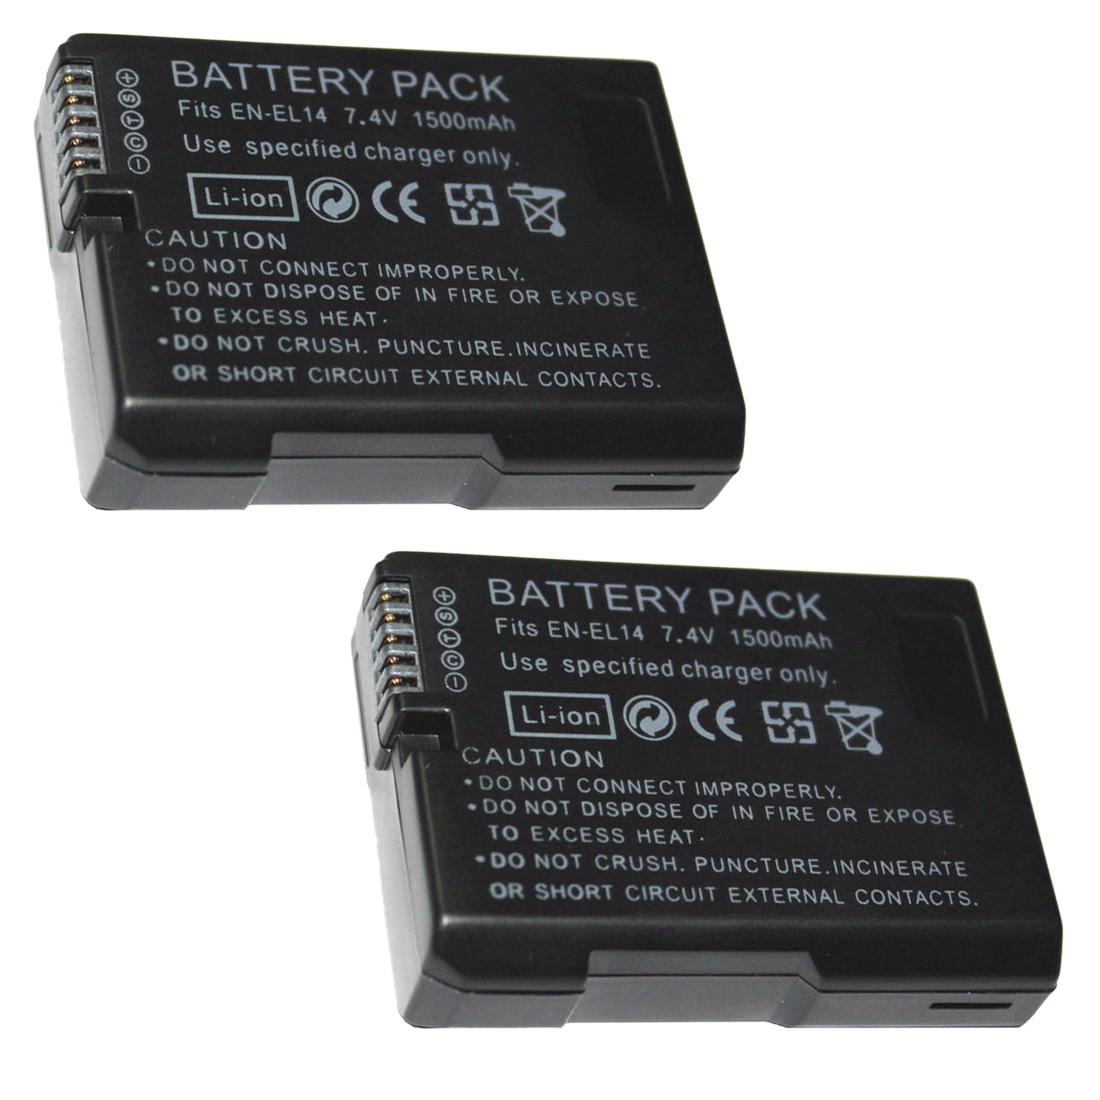 7,4 V 1500 mAh EN-EL14 baterías ENEL14 es EL14 Cámara Paquete de batería para Nikon D5200 D3100 D3200 D5100 P7000 P7100 MH-24